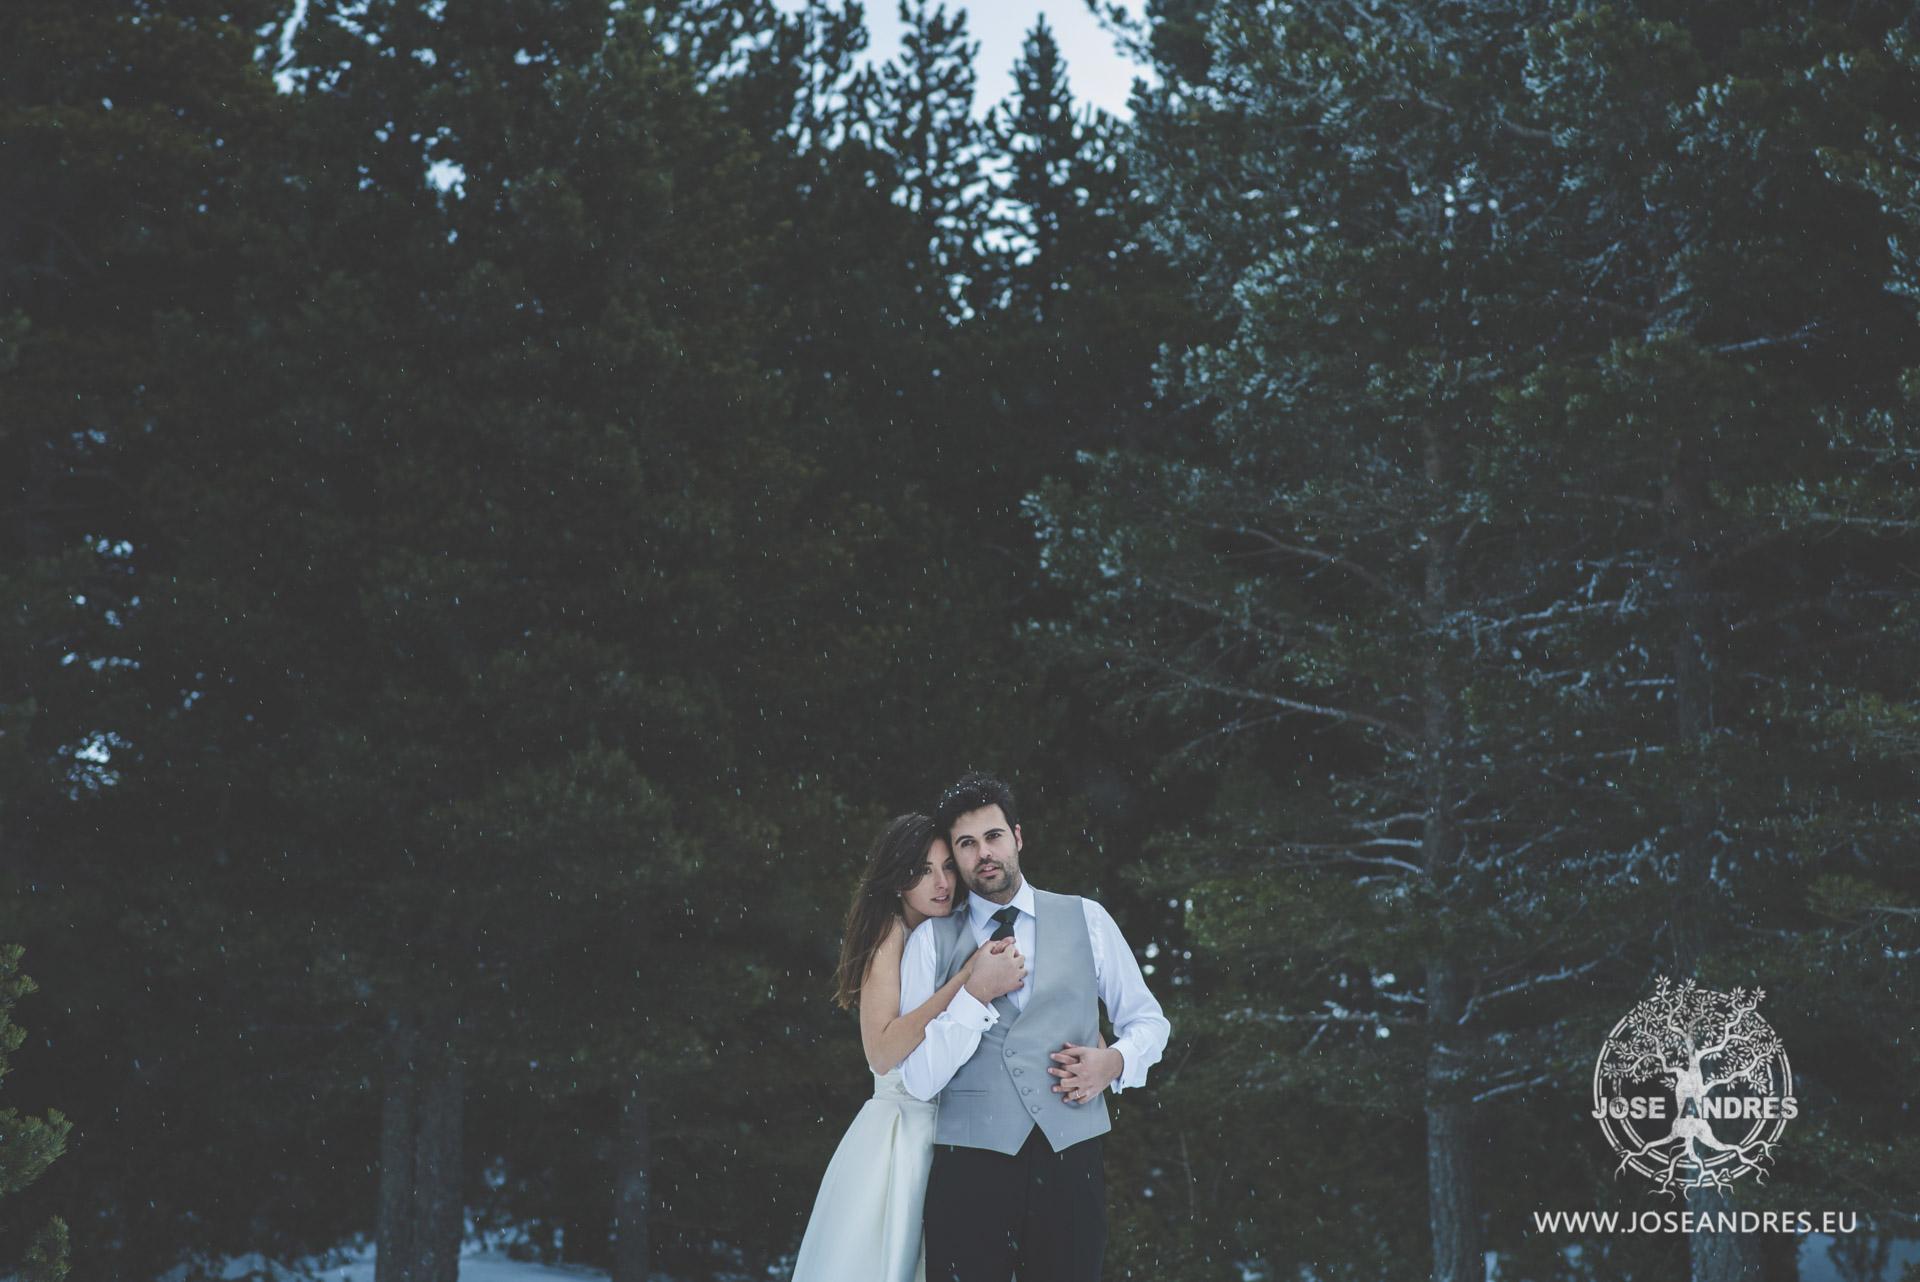 Retrato novios en la nieve jugando, boda diferente, boda nevando, Postboda en la nieve #NoviasPronovias